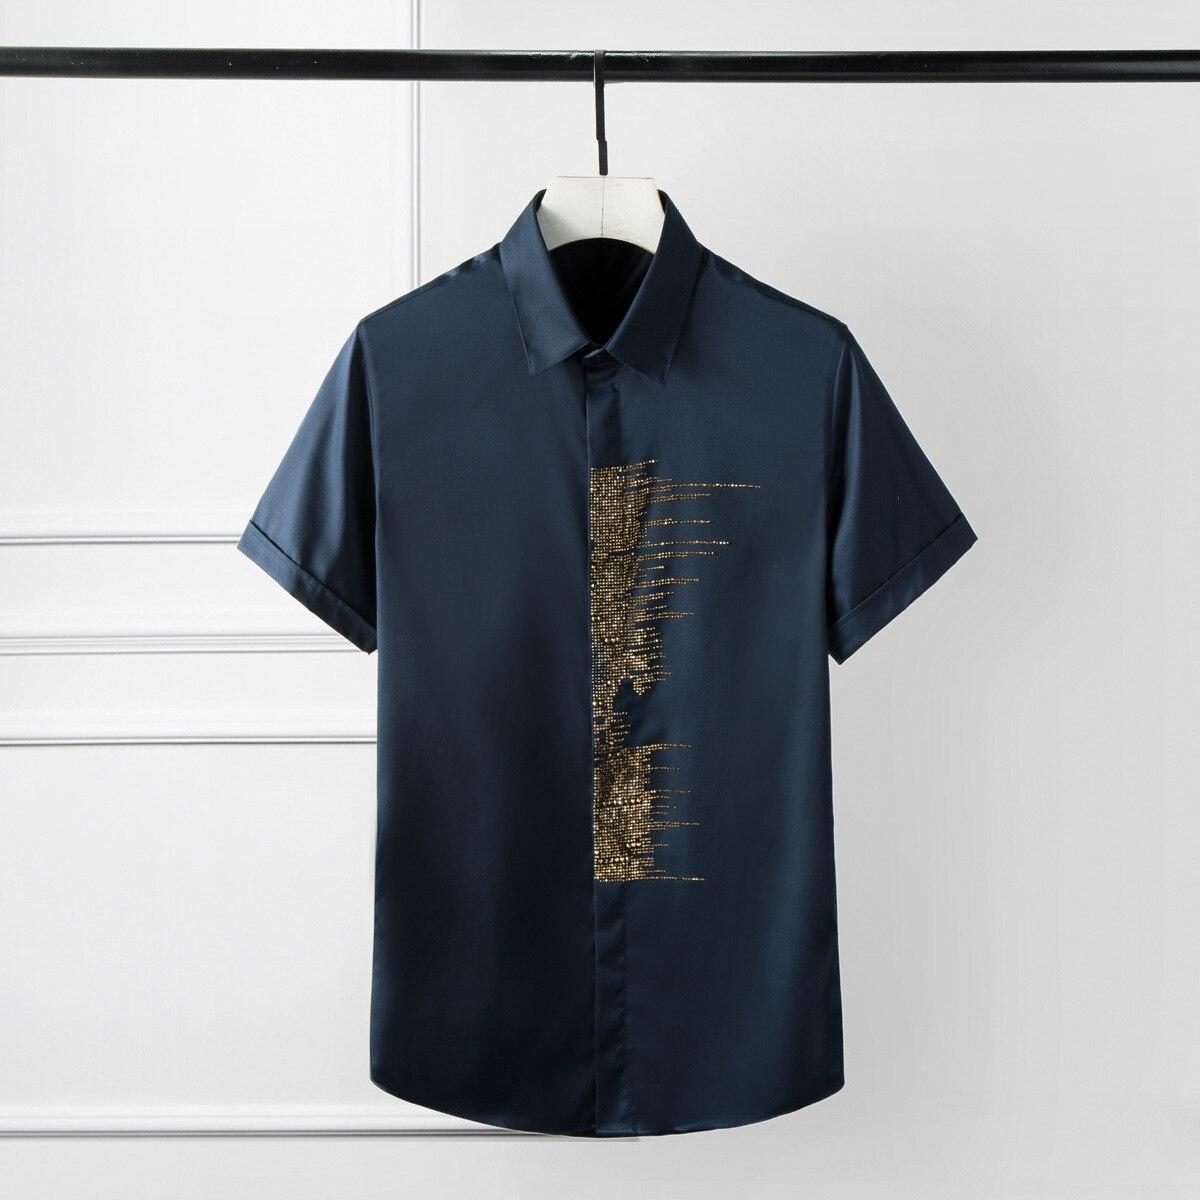 Minglu-قميص رجالي بأكمام قصيرة مع فسيفساء ماسية ، عصري ، لون سادة ، غير رسمي ، نحيف ، أسود وأبيض